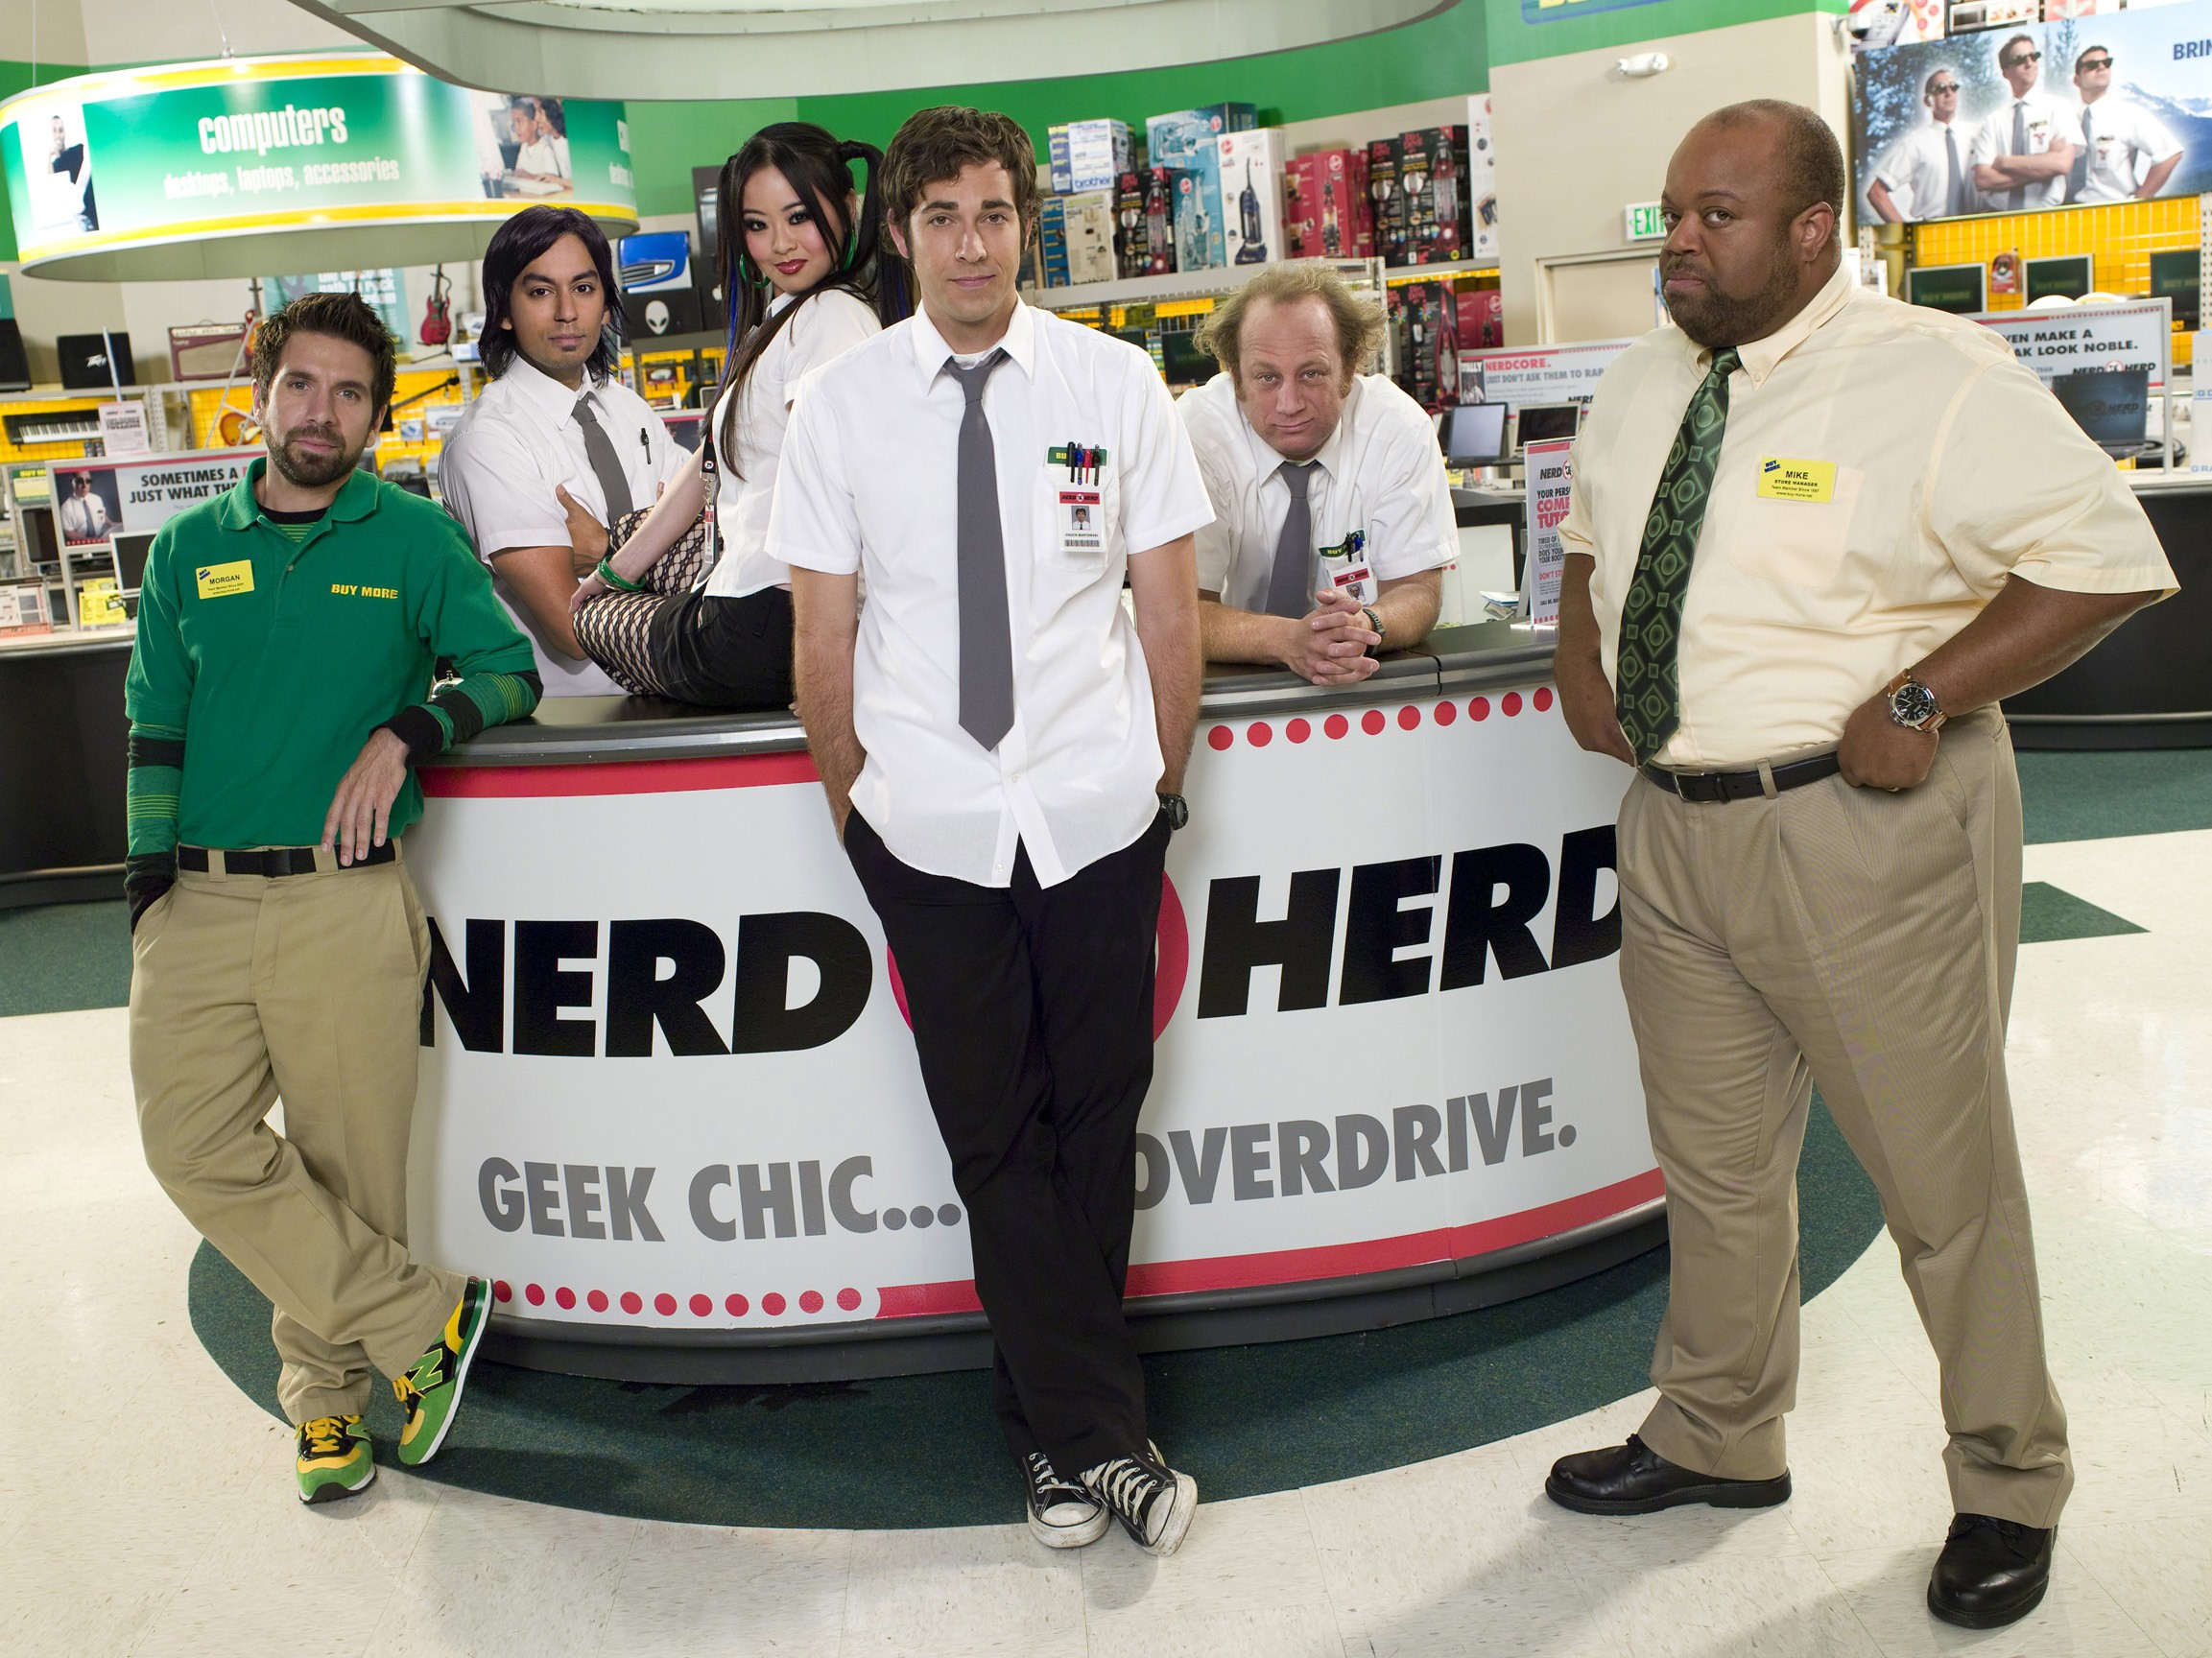 Wallpaper: una foto di gruppo del cast per la 2 stagione della serie americana Chuck